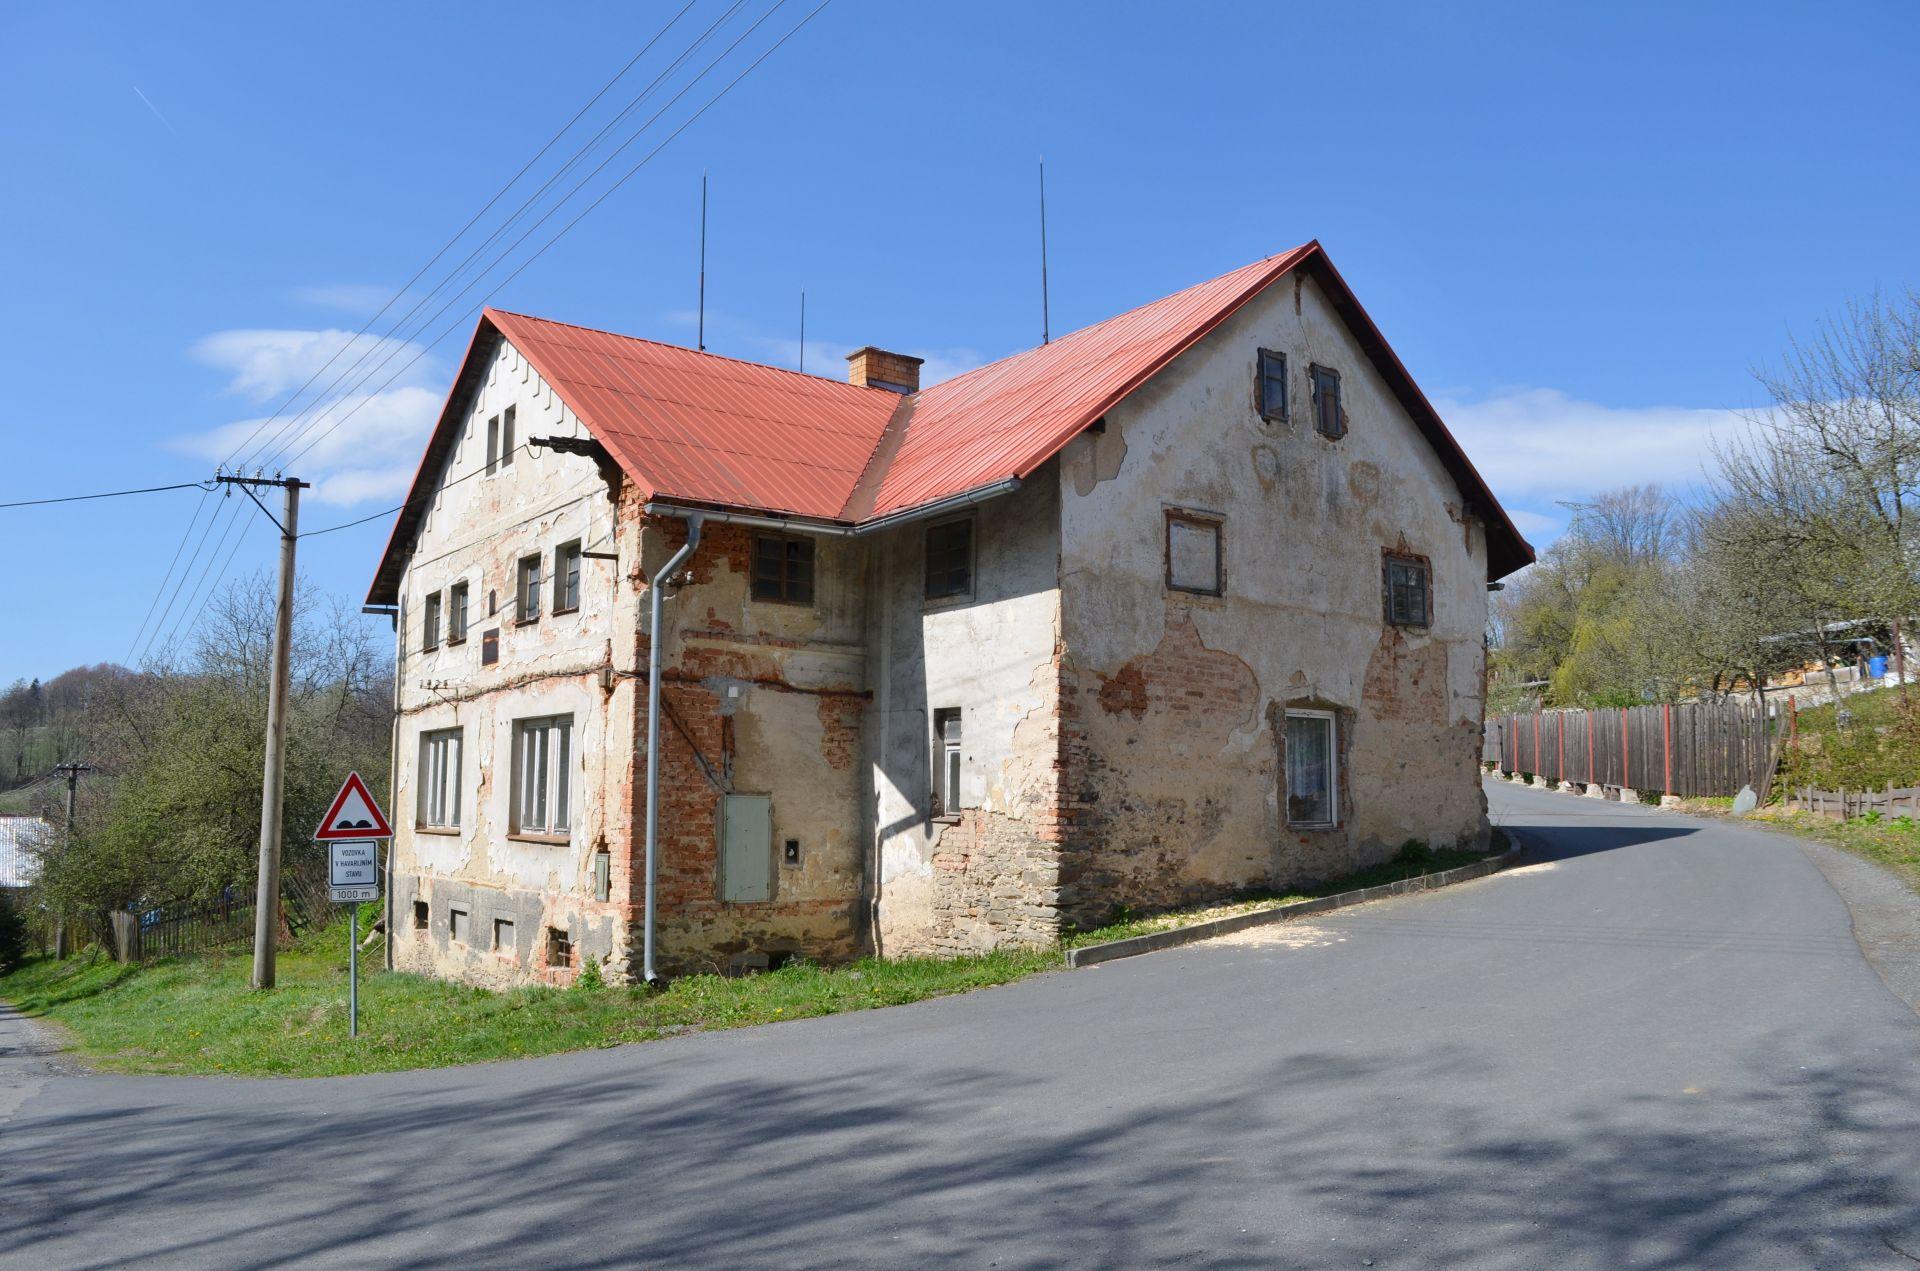 Prodej rodinný dům 360 m2, pozemek 2 010 m2, Mirotínek.